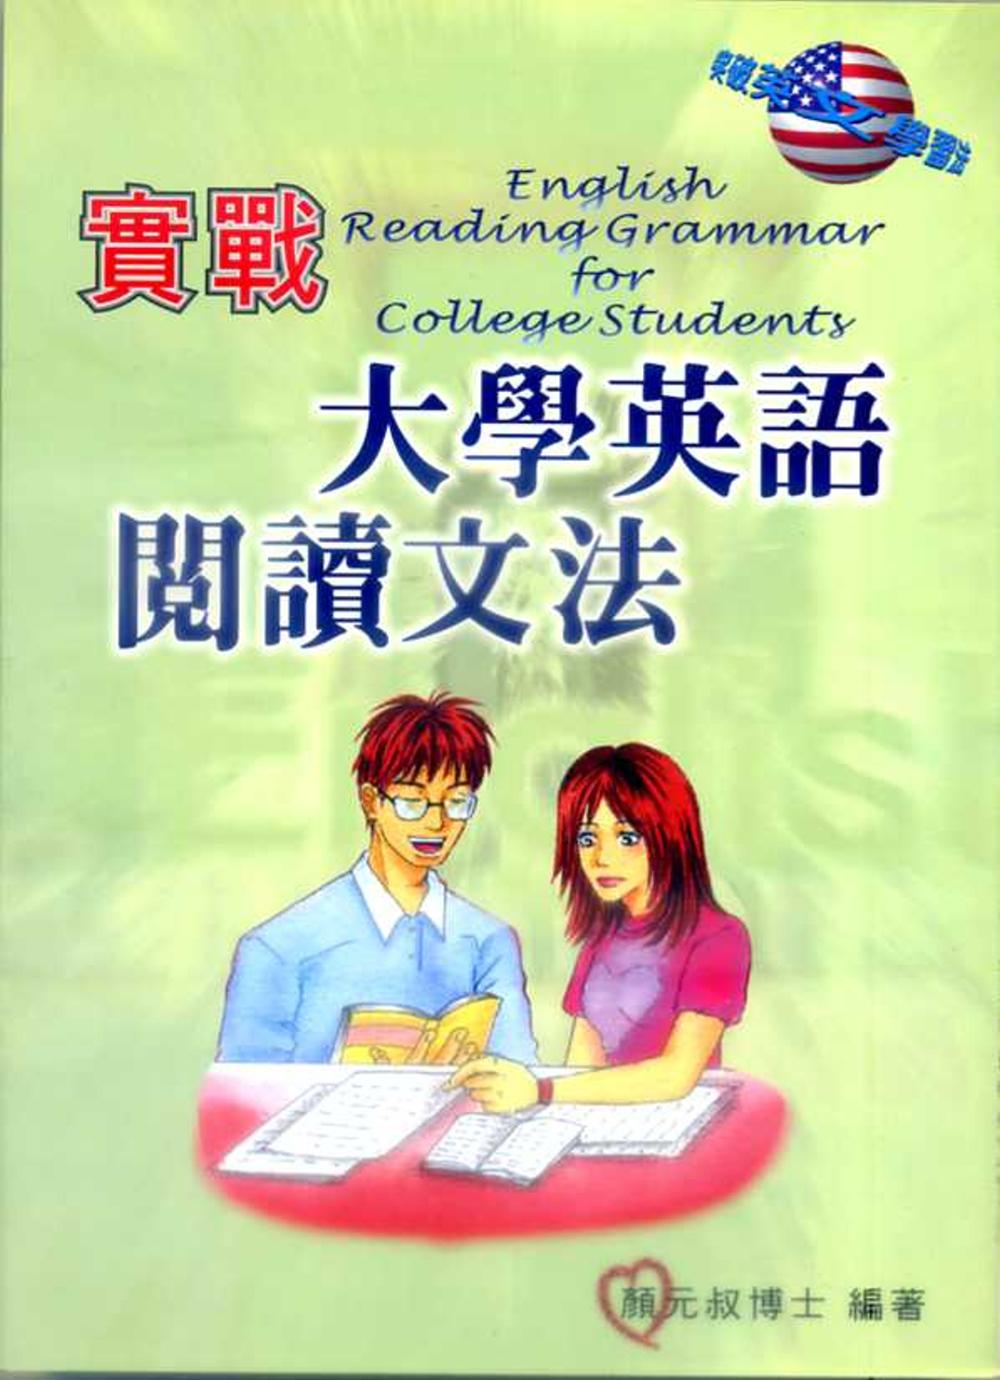 實戰大學英語閱讀文法